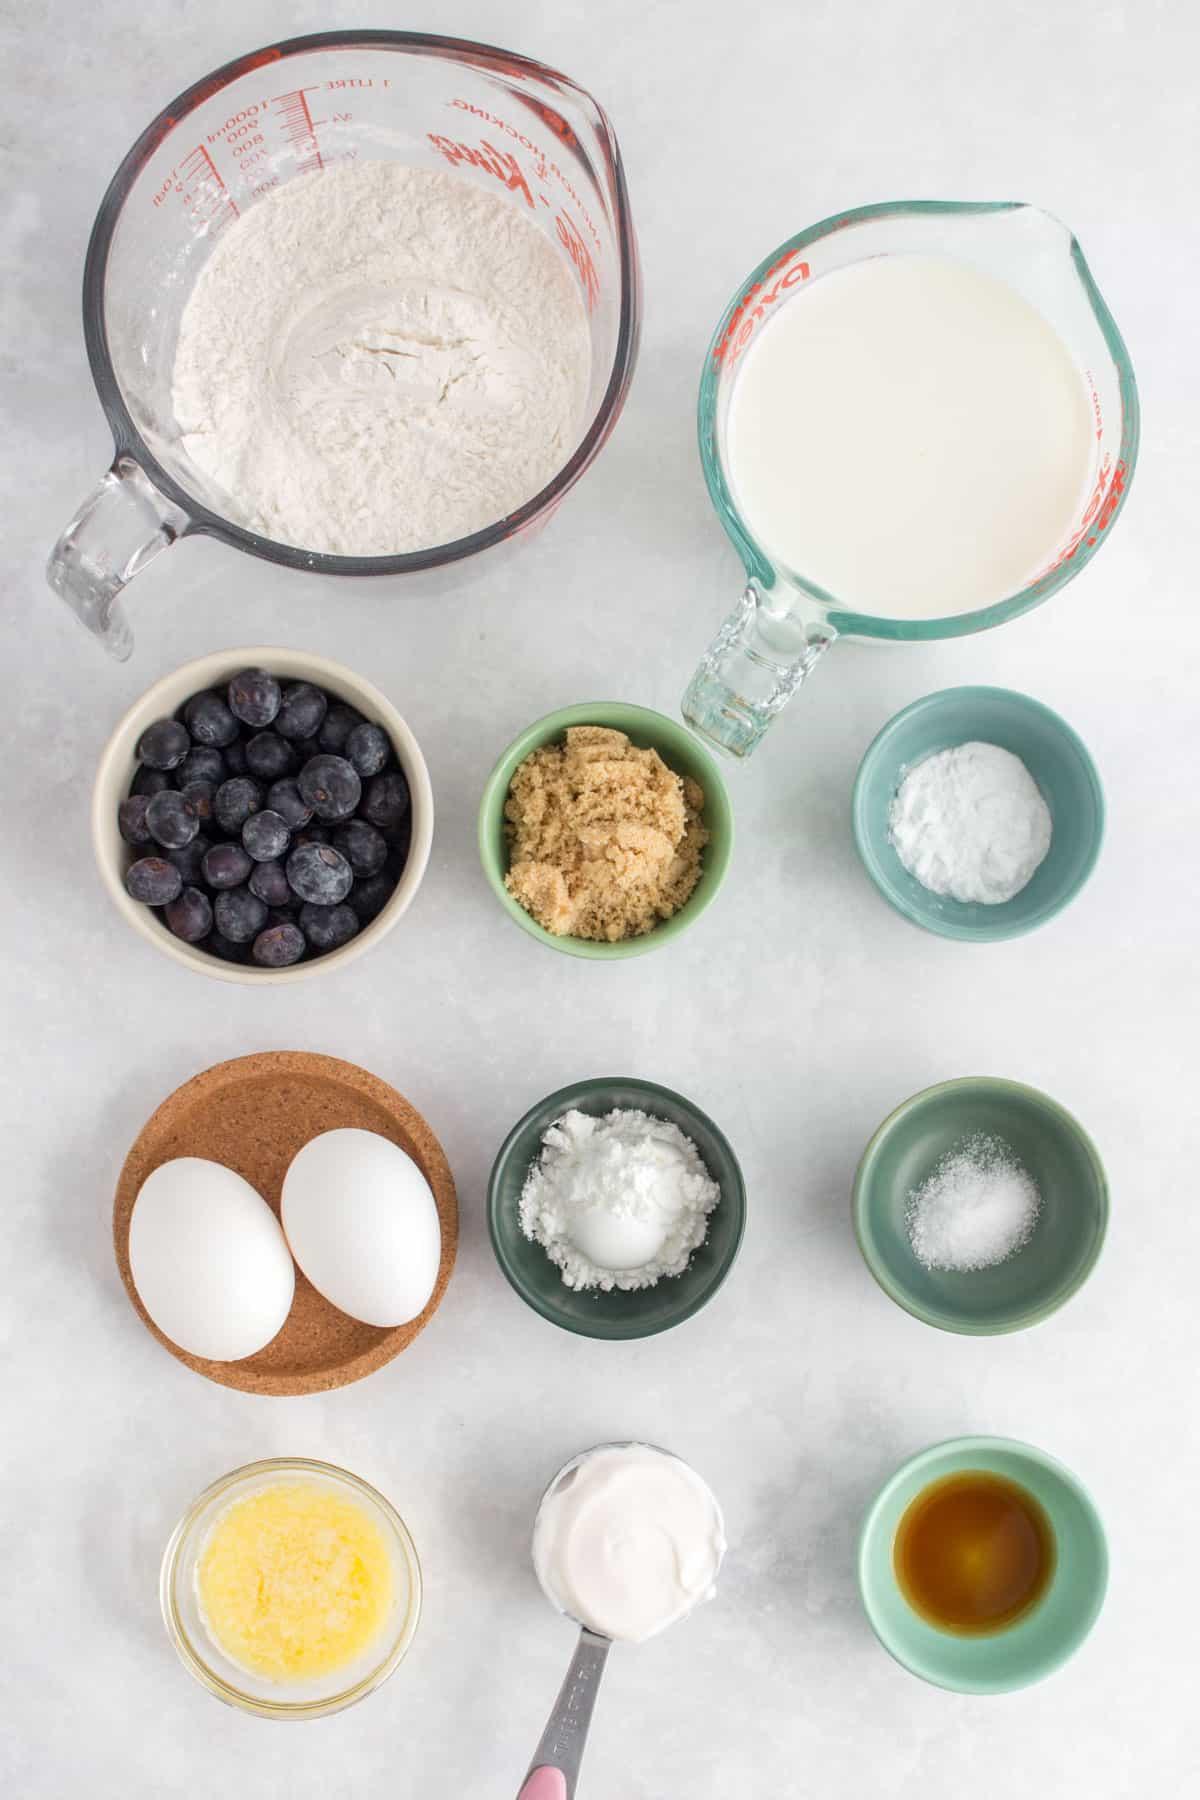 Ingredients needed to make sheet pan pancakes.